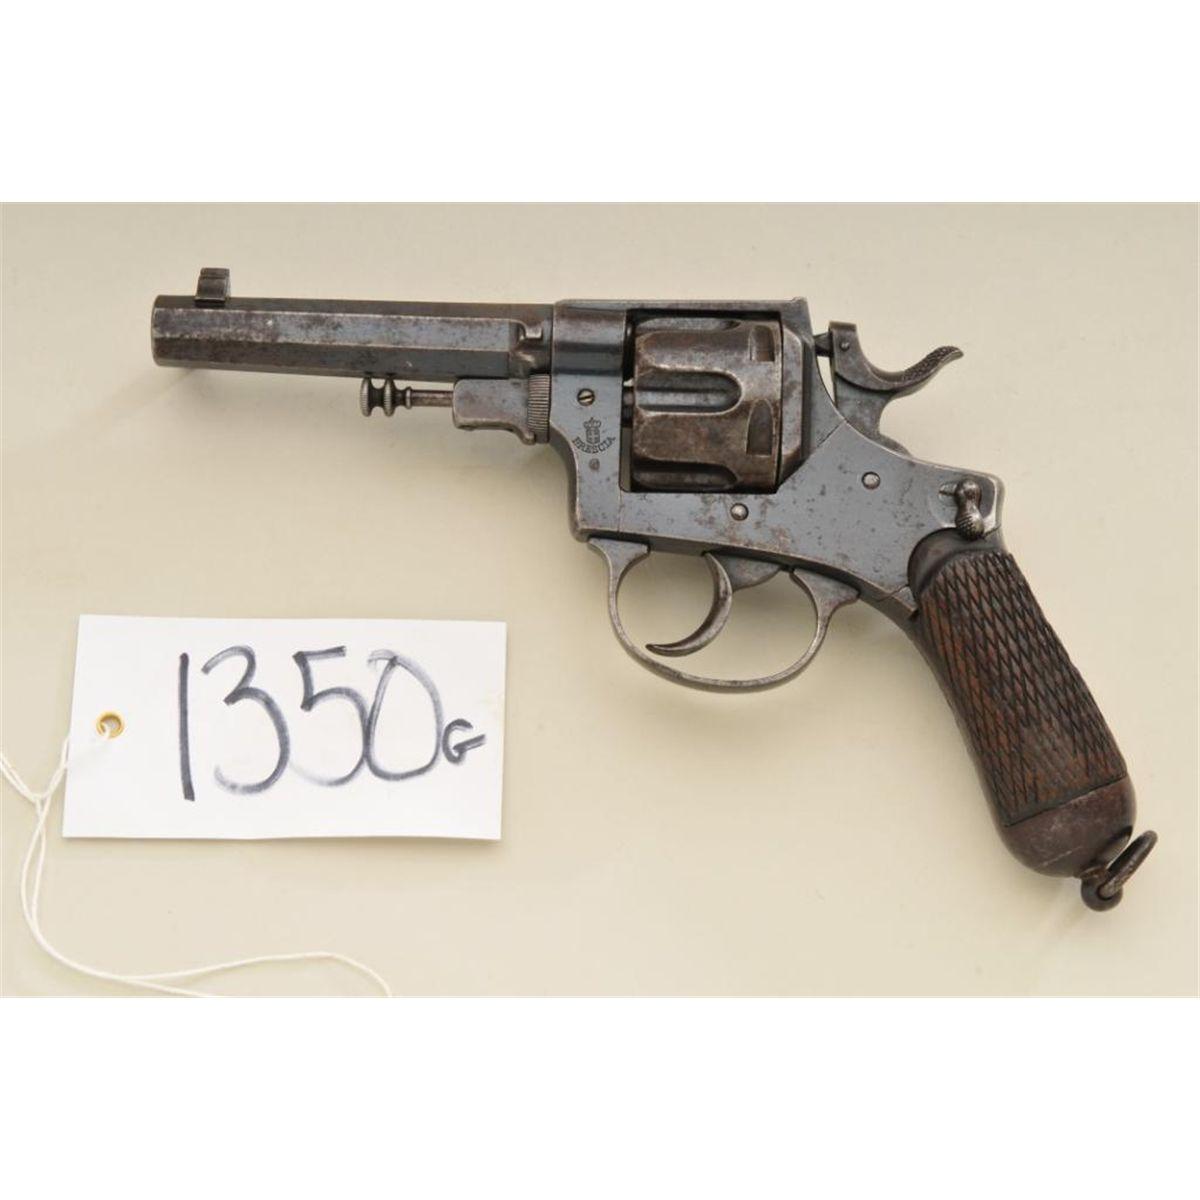 """cf22d787596b Italian Brescia DA revolver, 10.35mm cal., 4-1/2"""" octagon barrel, blue  finish, checkered wood grip"""